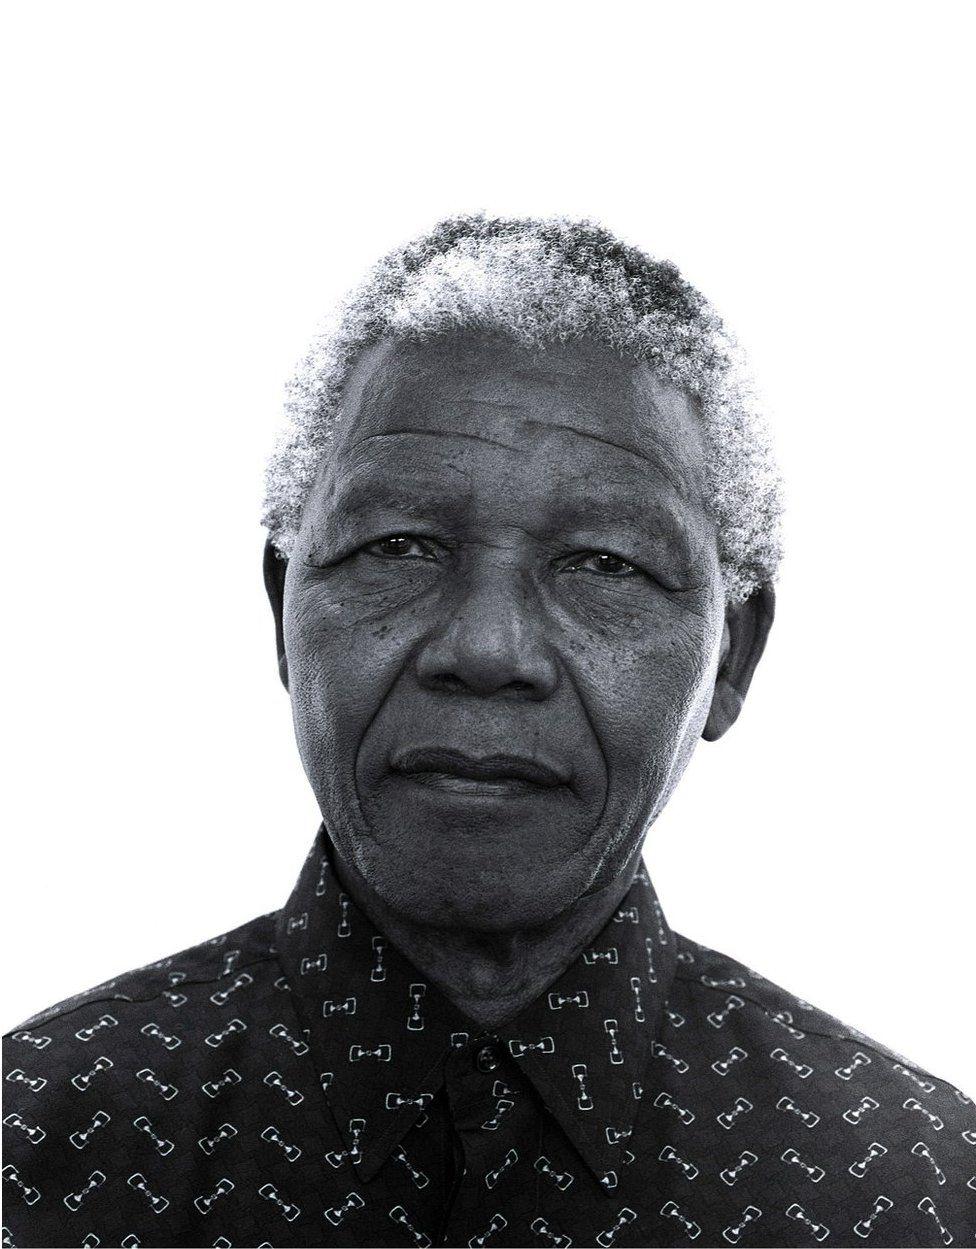 Jillian Edelstein's portrait of Nelson Mandela taken in 1997 at the Presidential house